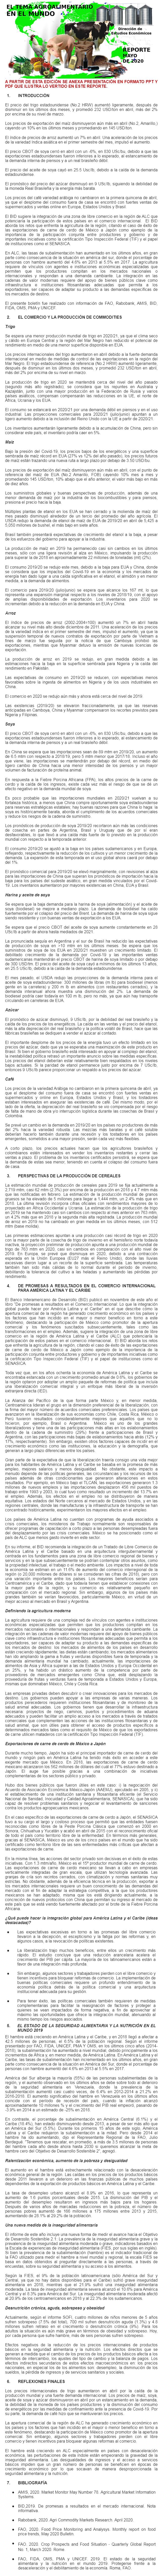 EL TEMA AGROALIMENTARIO EN EL MUNDO, MAYO 2020